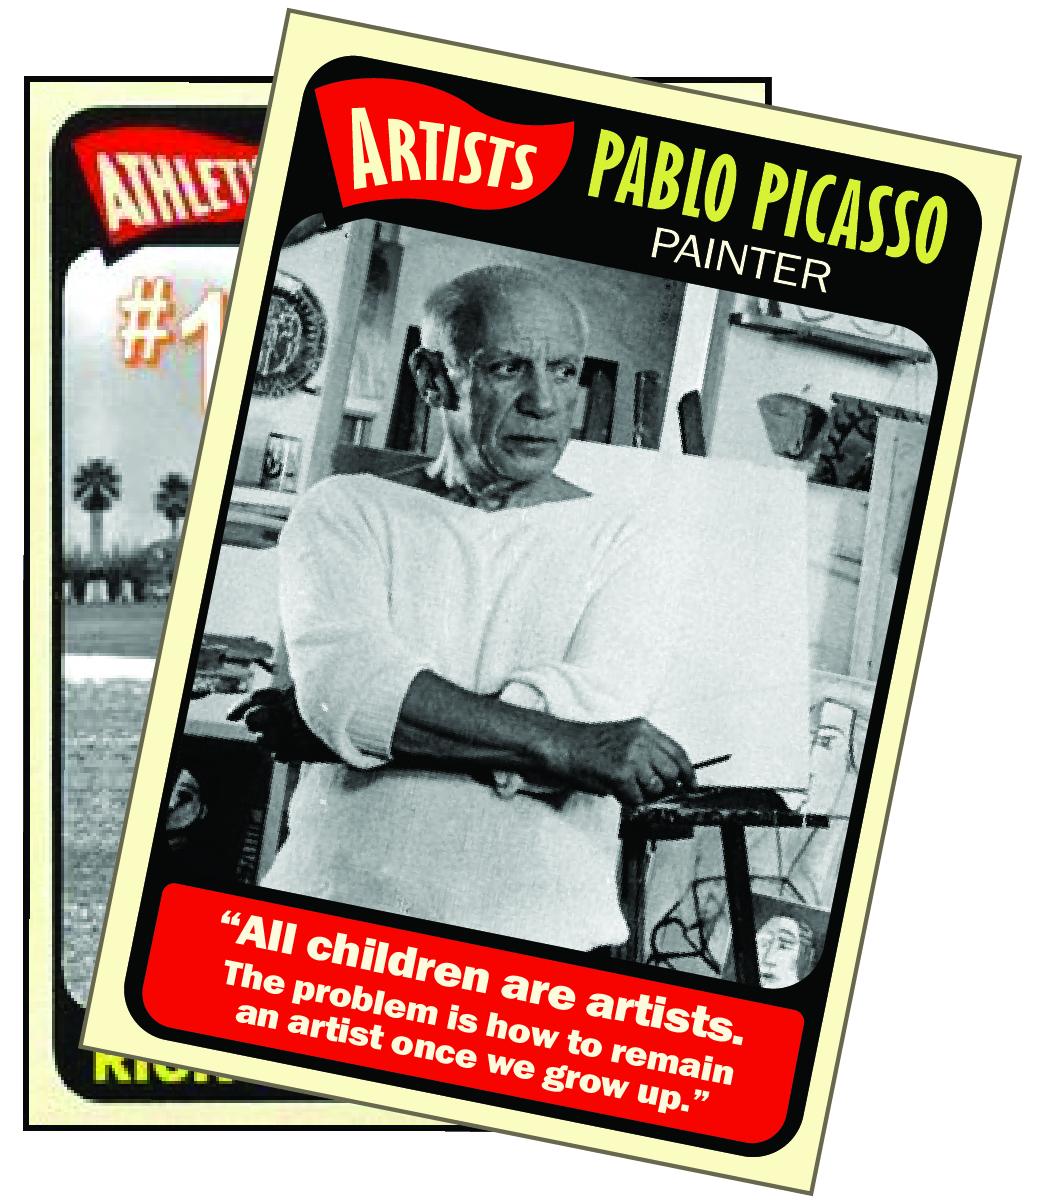 PicassoBaseballCard-1-01.jpg